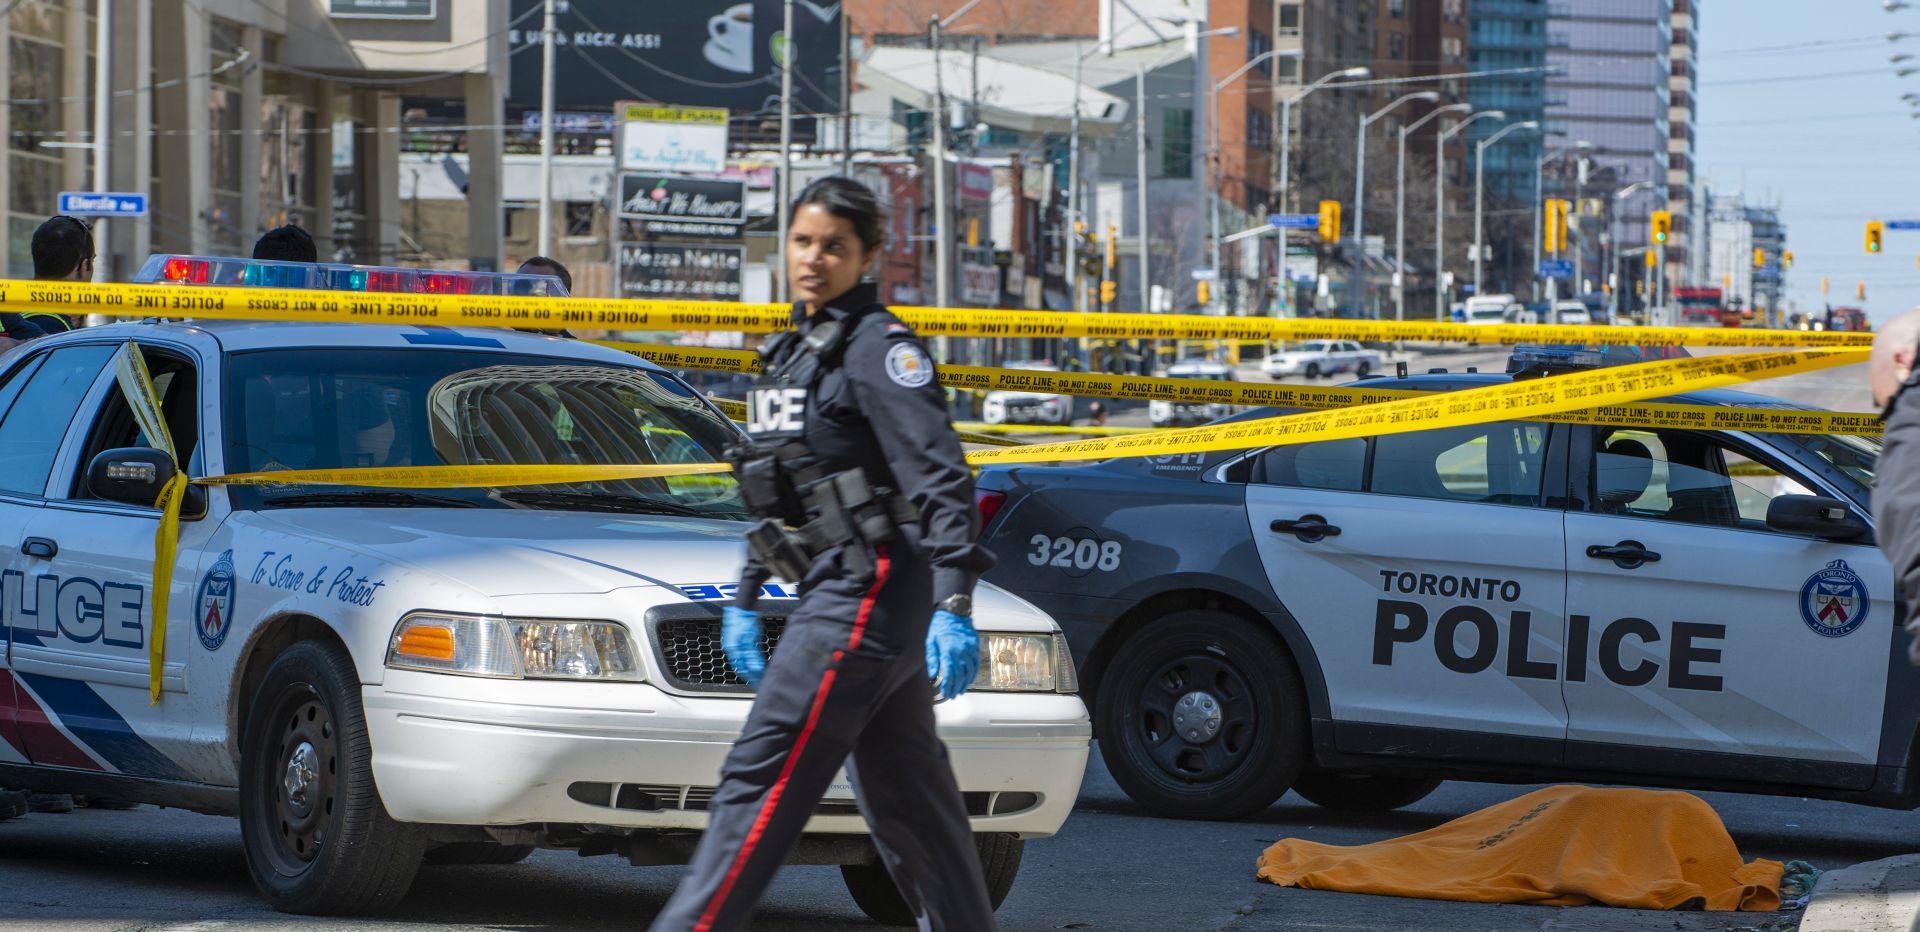 JOŠ SE NE ZNA MOTIV Policija identificirala napadača iz Toronta